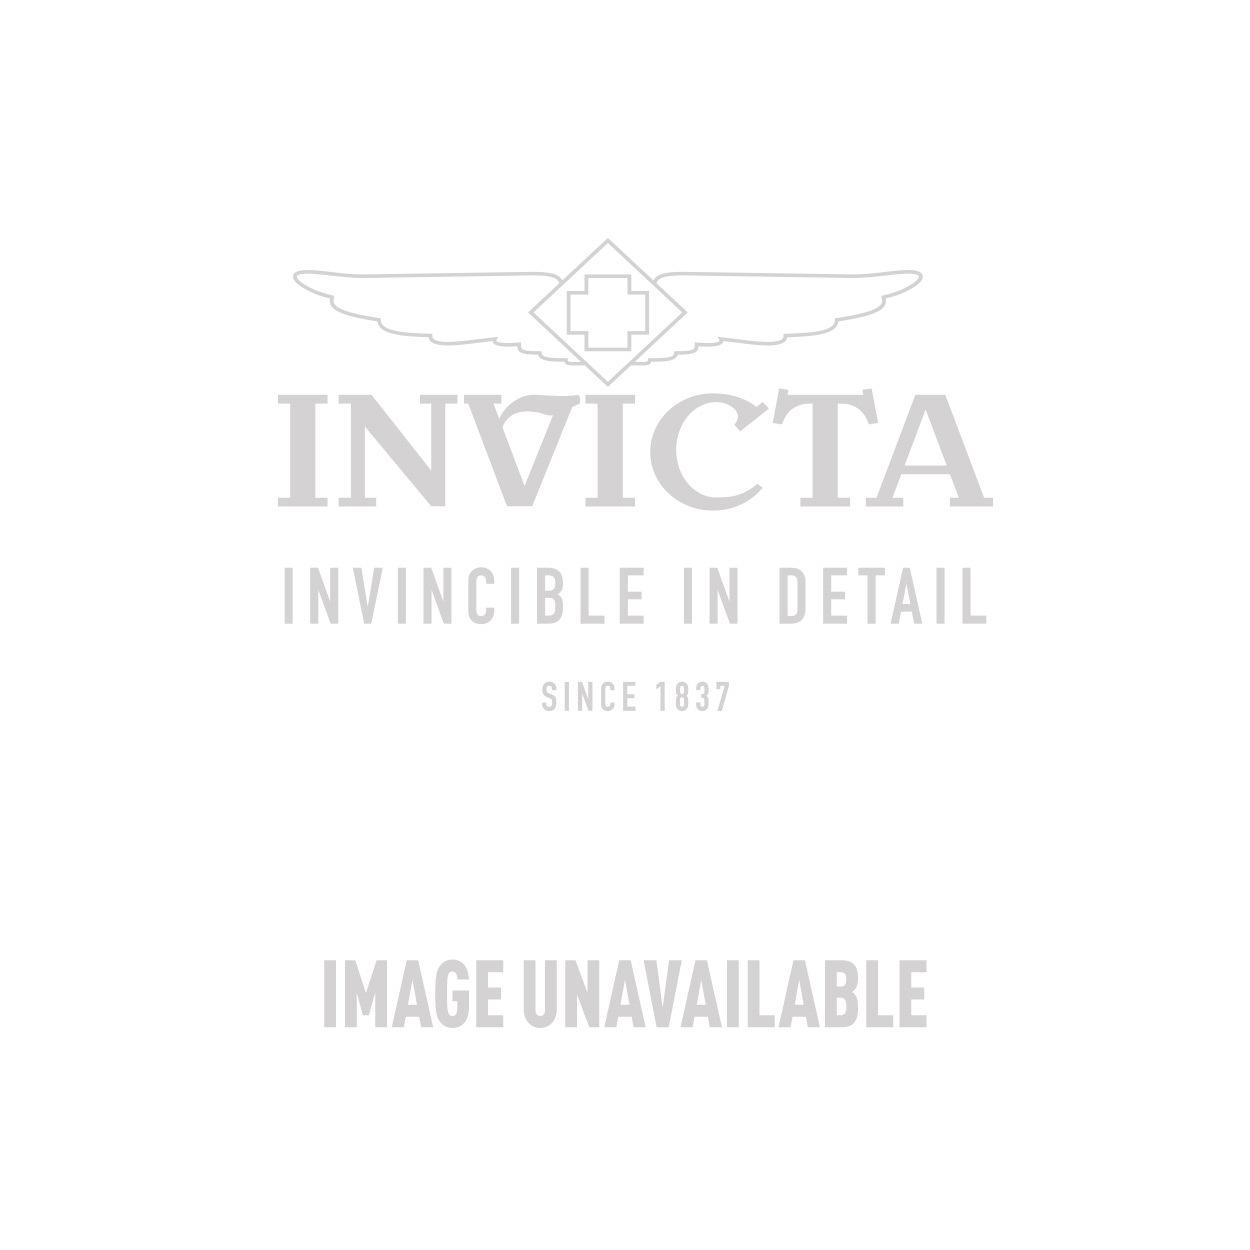 Invicta Model 25582